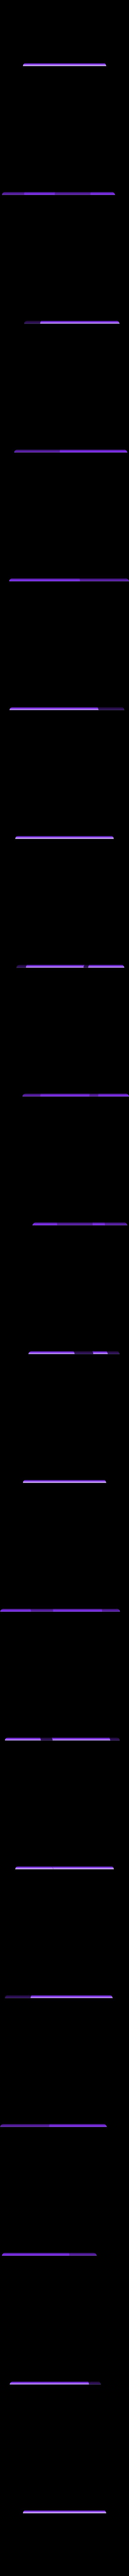 Tapa_caja_sensor_hidrogel.stl Télécharger fichier STL gratuit Distributeur automatique de gel Remix • Plan à imprimer en 3D, maxine95